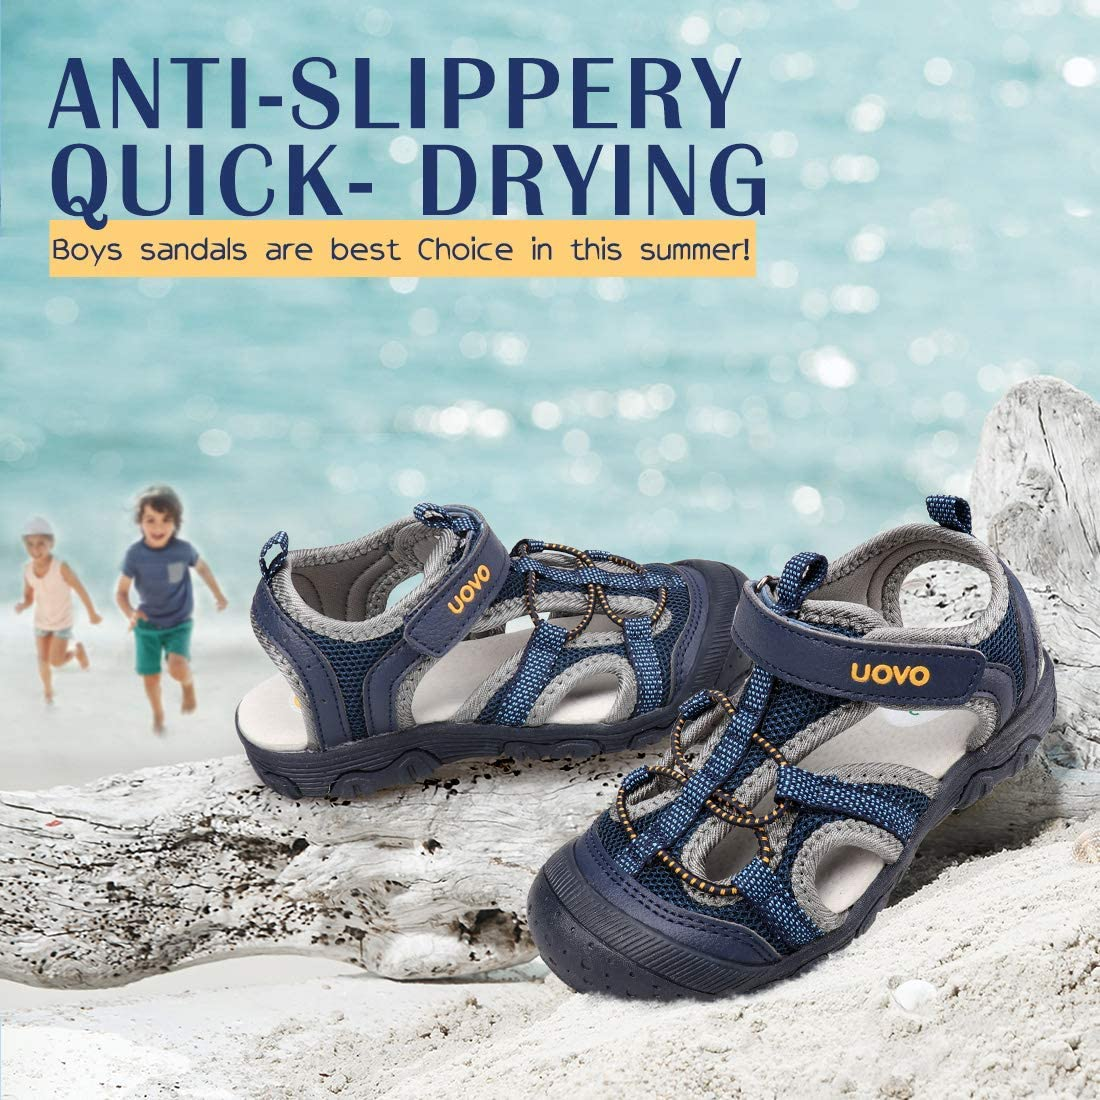 Sandalias de Punta Cerrada Atl/éticas de Los Muchachos del Verano Zapatos de Playa al Aire Libre para Los Ni/ños